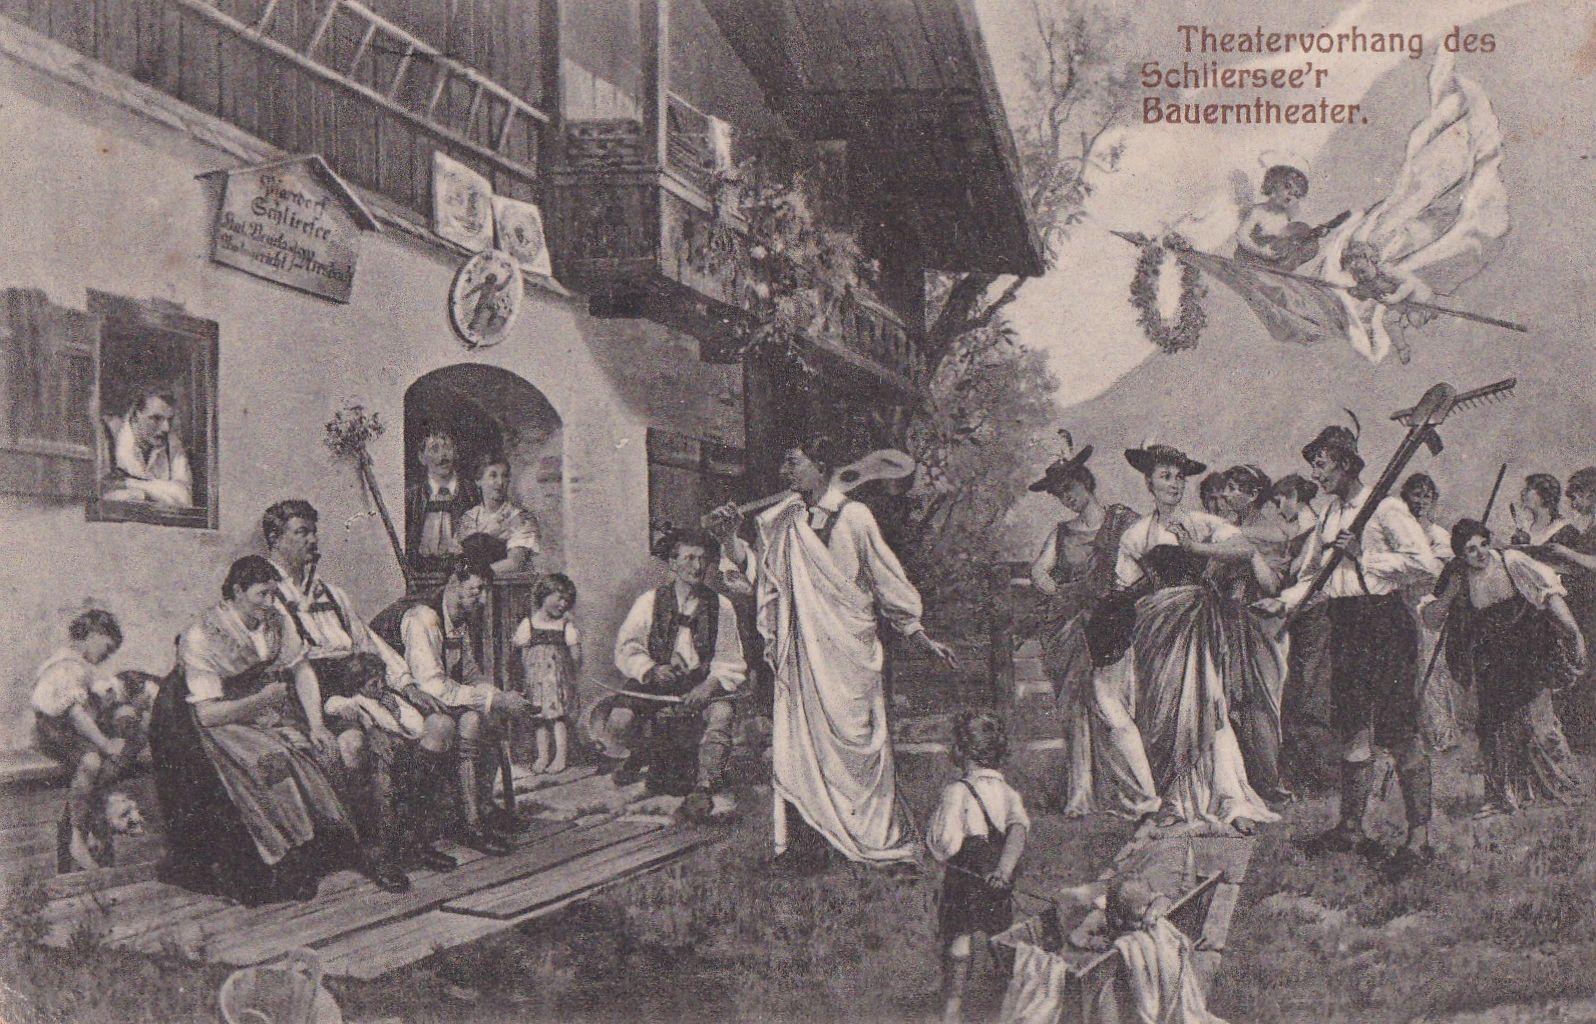 Der zweite Vorhang des Bauerntheaters nach dem Entwurf von Kunz Meyer-Waldeck